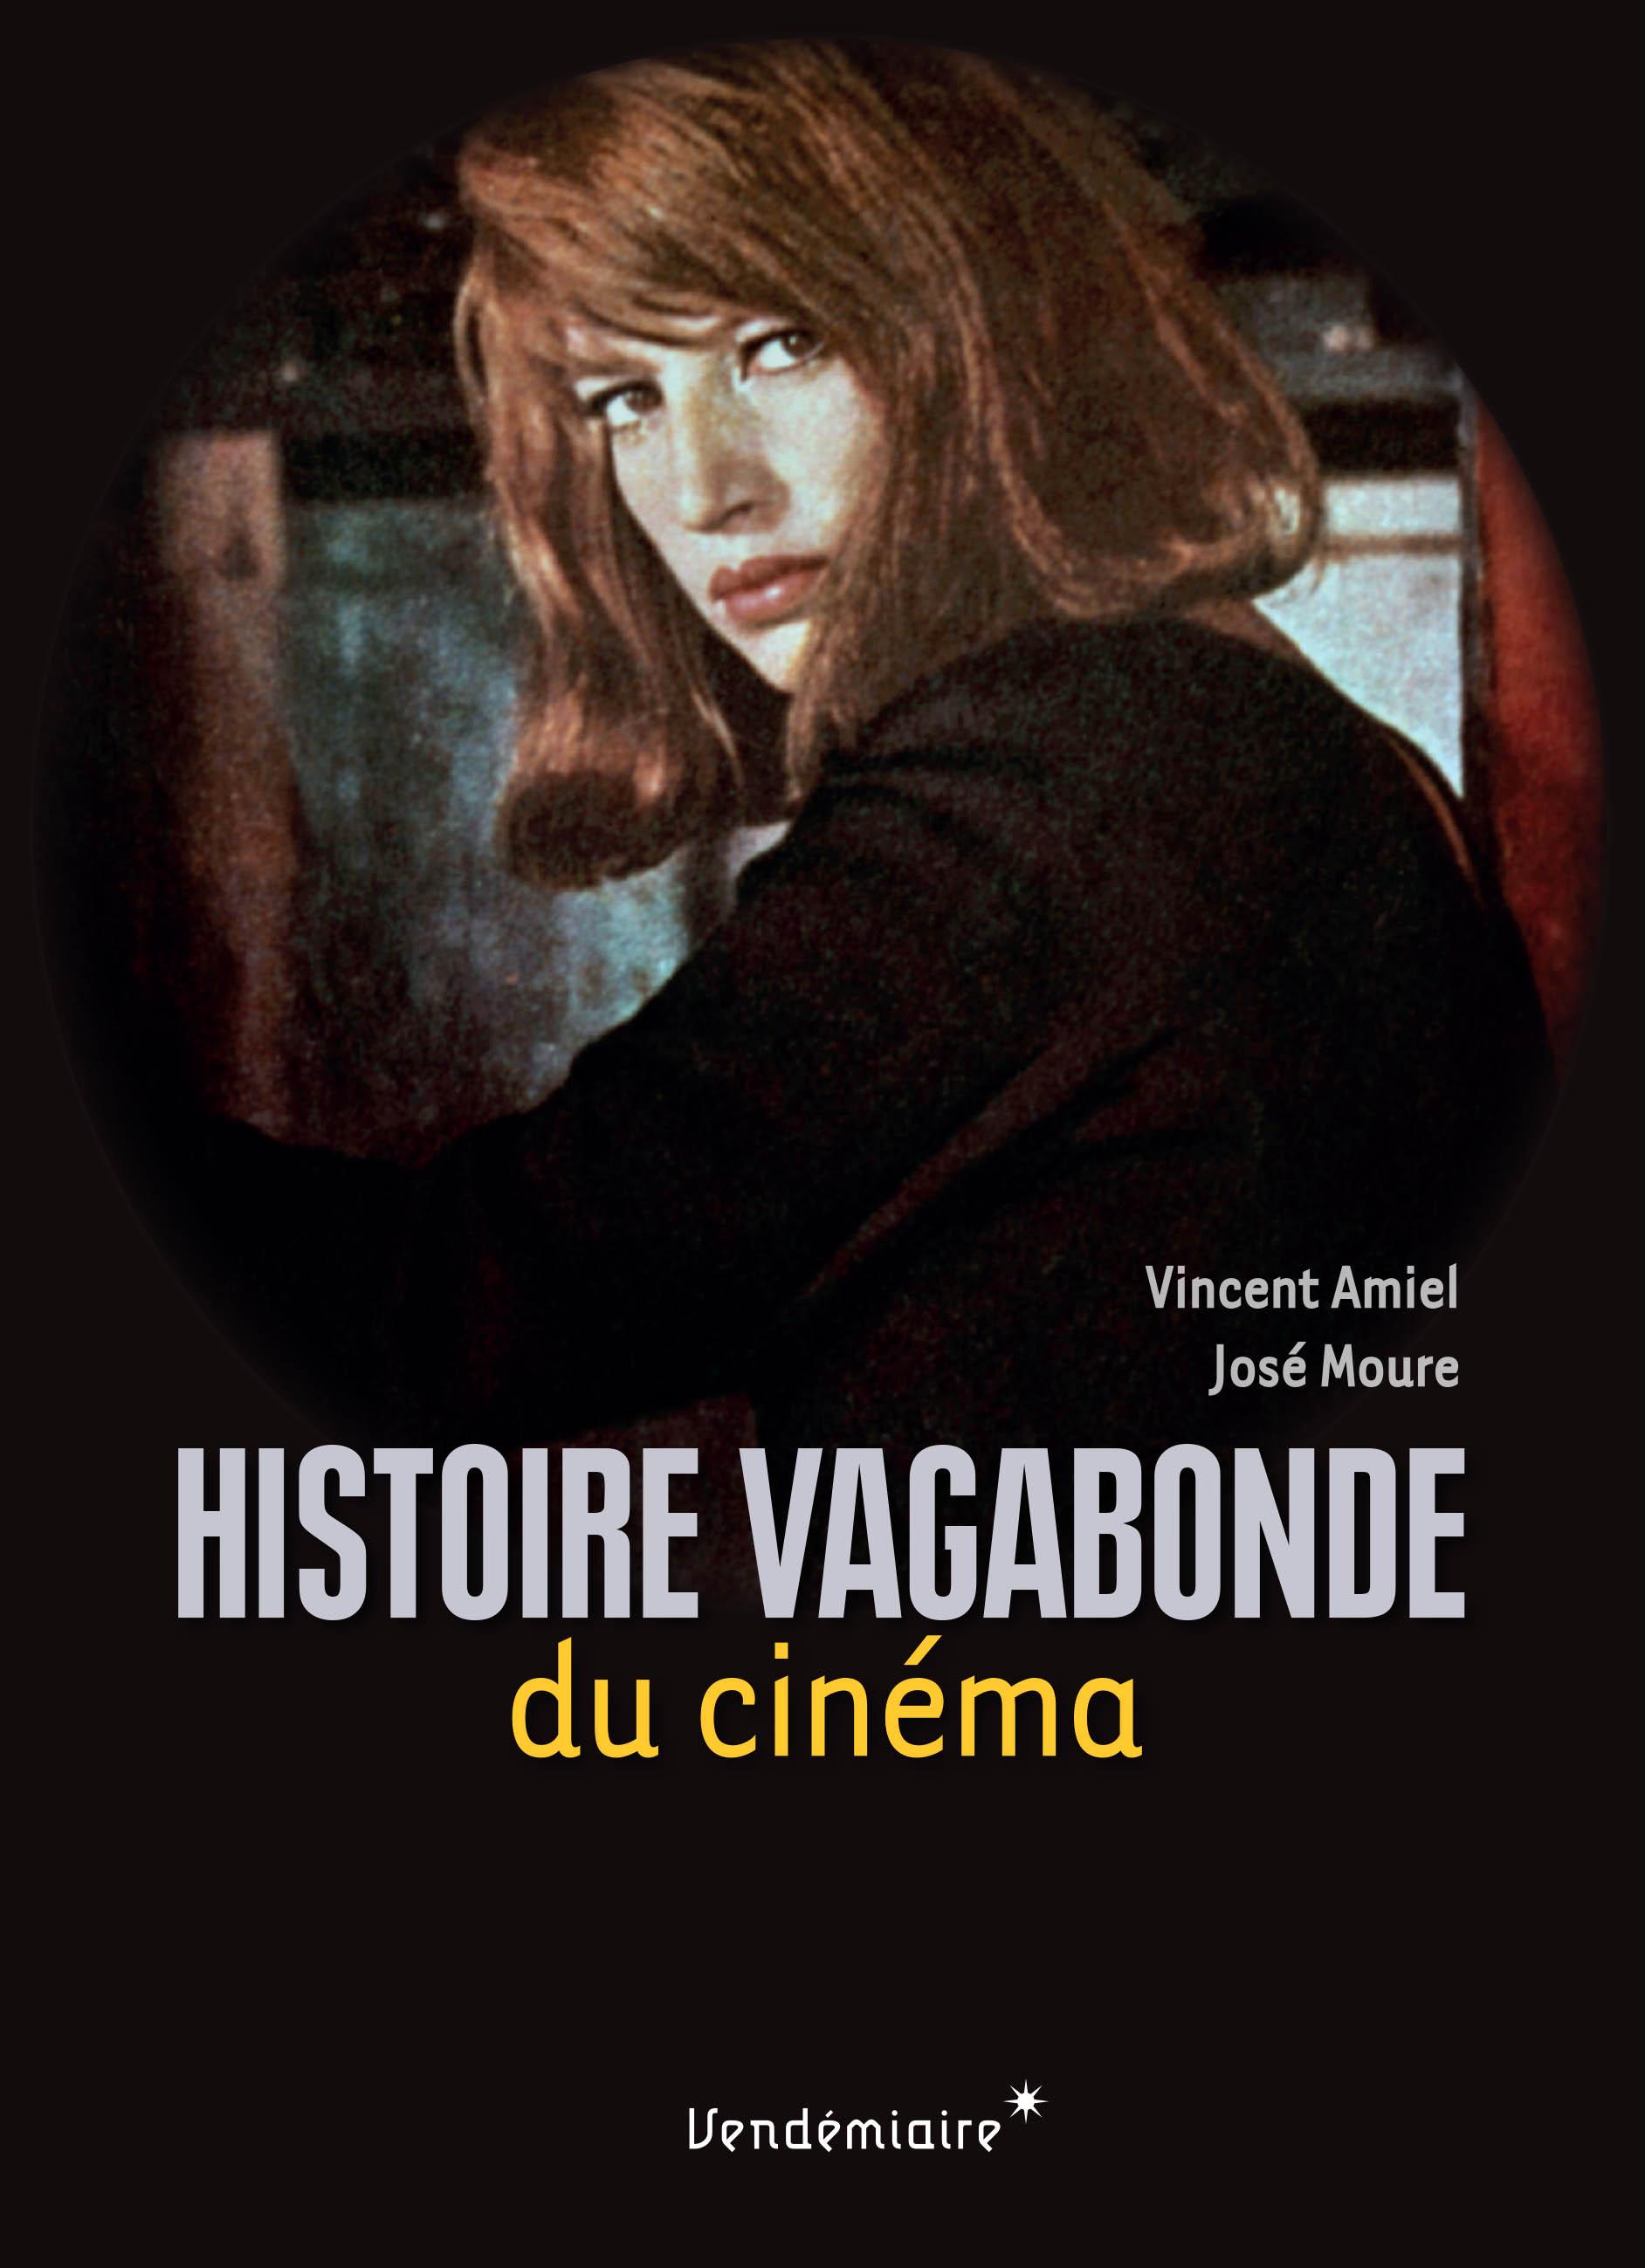 V. Amiel et J. Moure, Histoire vagabonde du cinéma